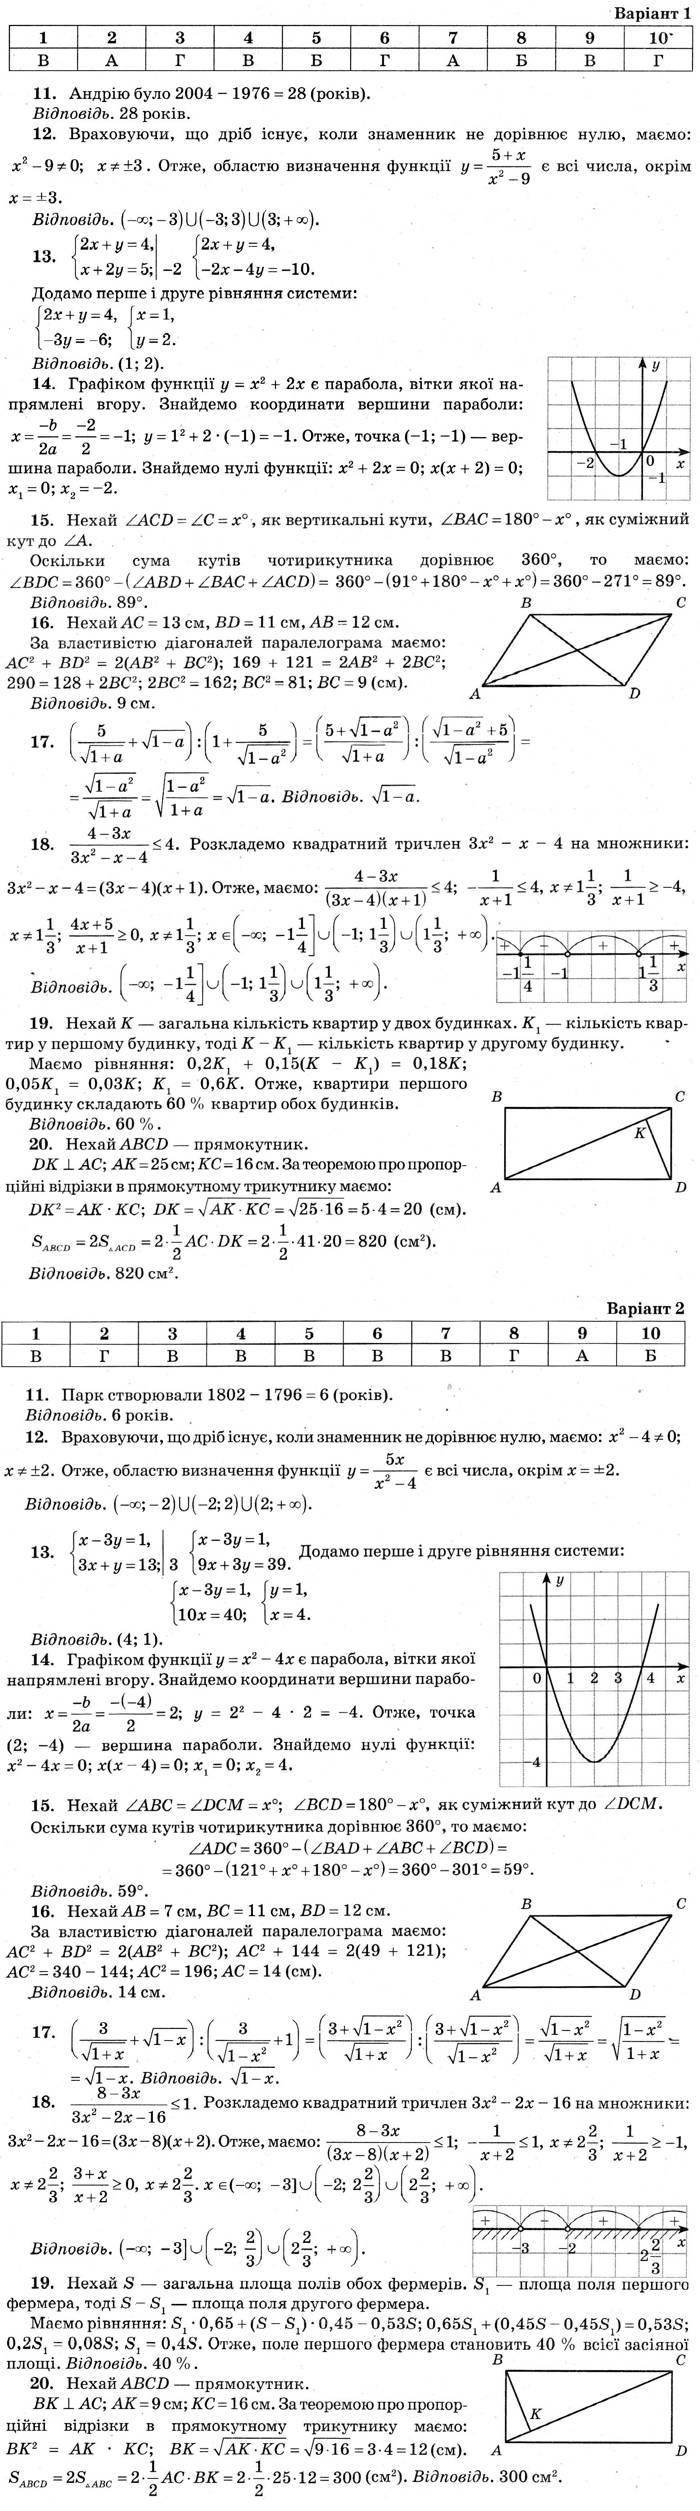 Розв'язання завдань до посібника ДПА-2019 9 клас Математика Бевз (збірник завдань) 2018 рік